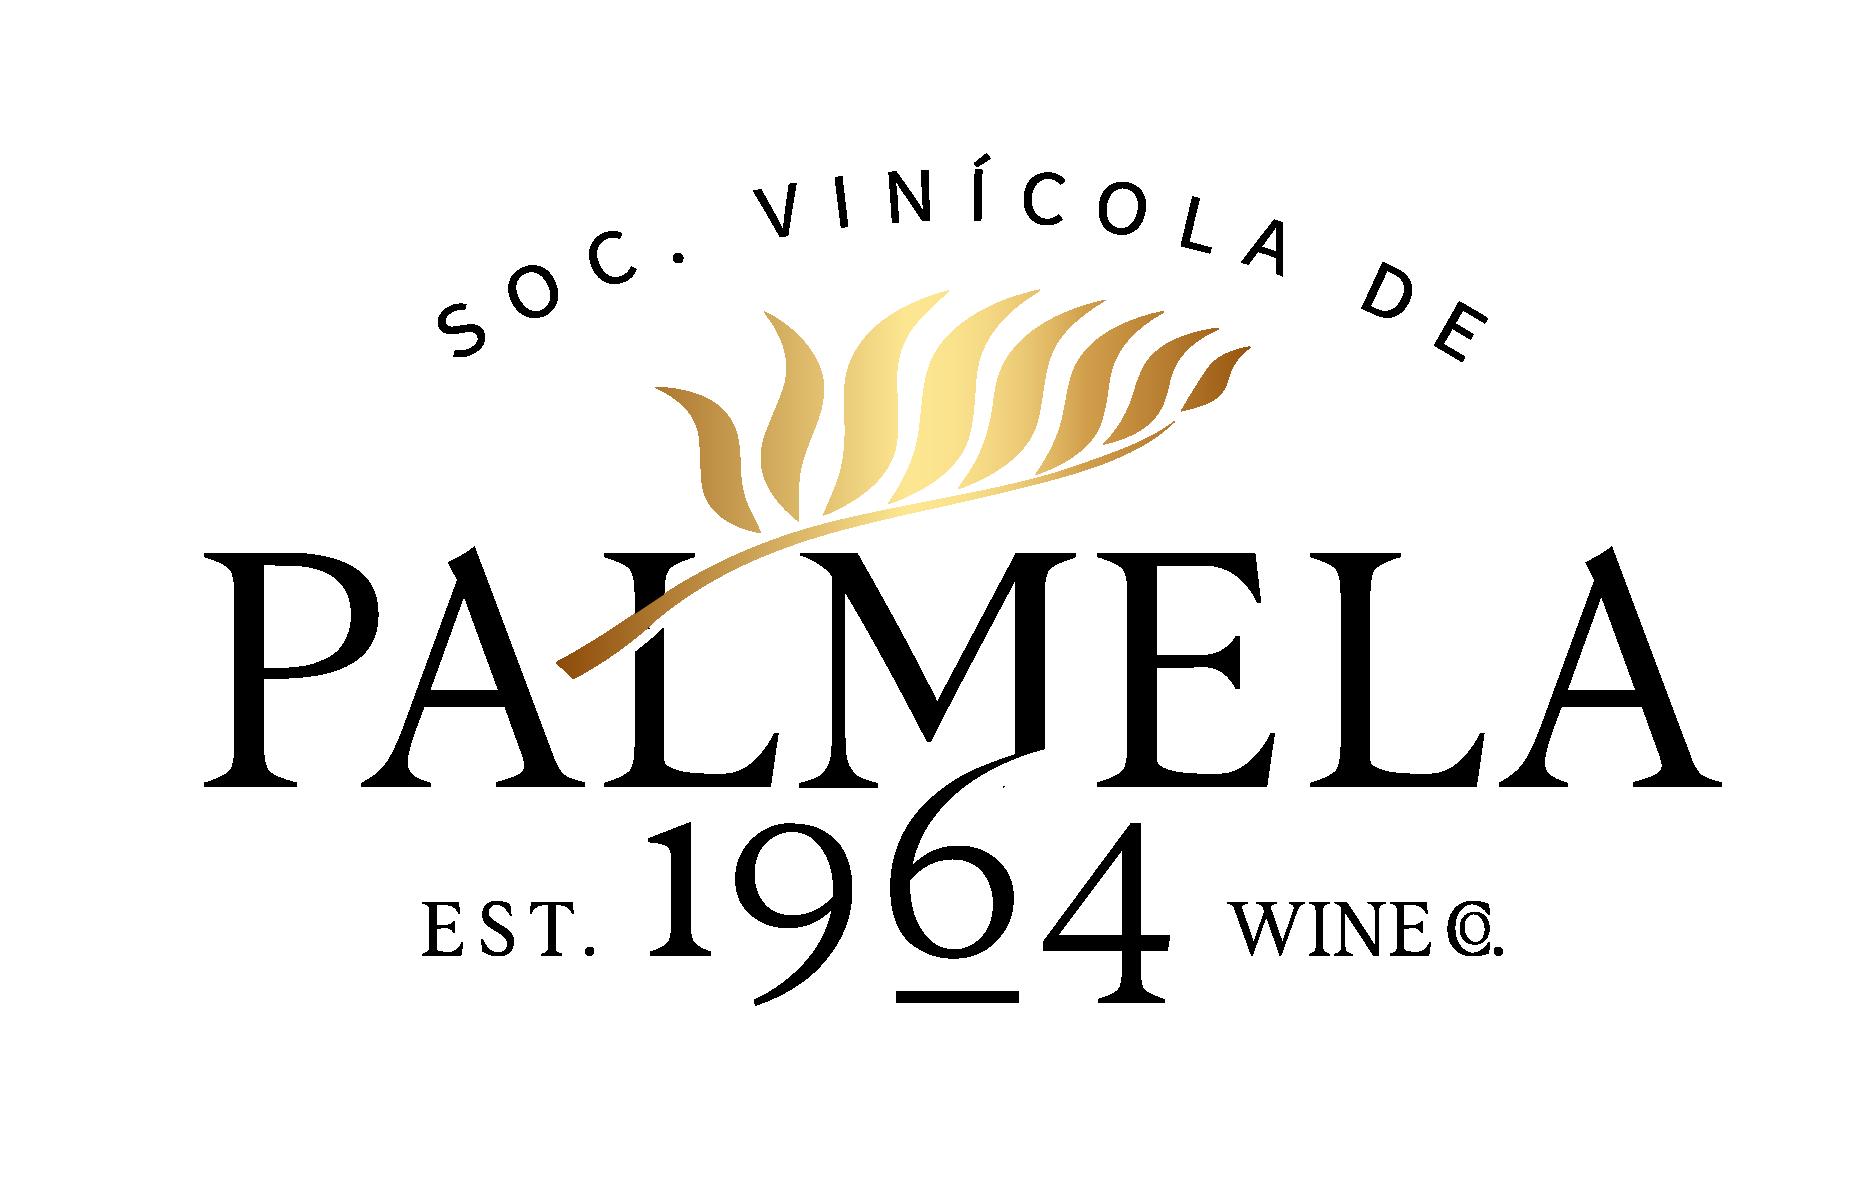 SIVIPA - Sociedade Vinícola de Palmela, S.A.